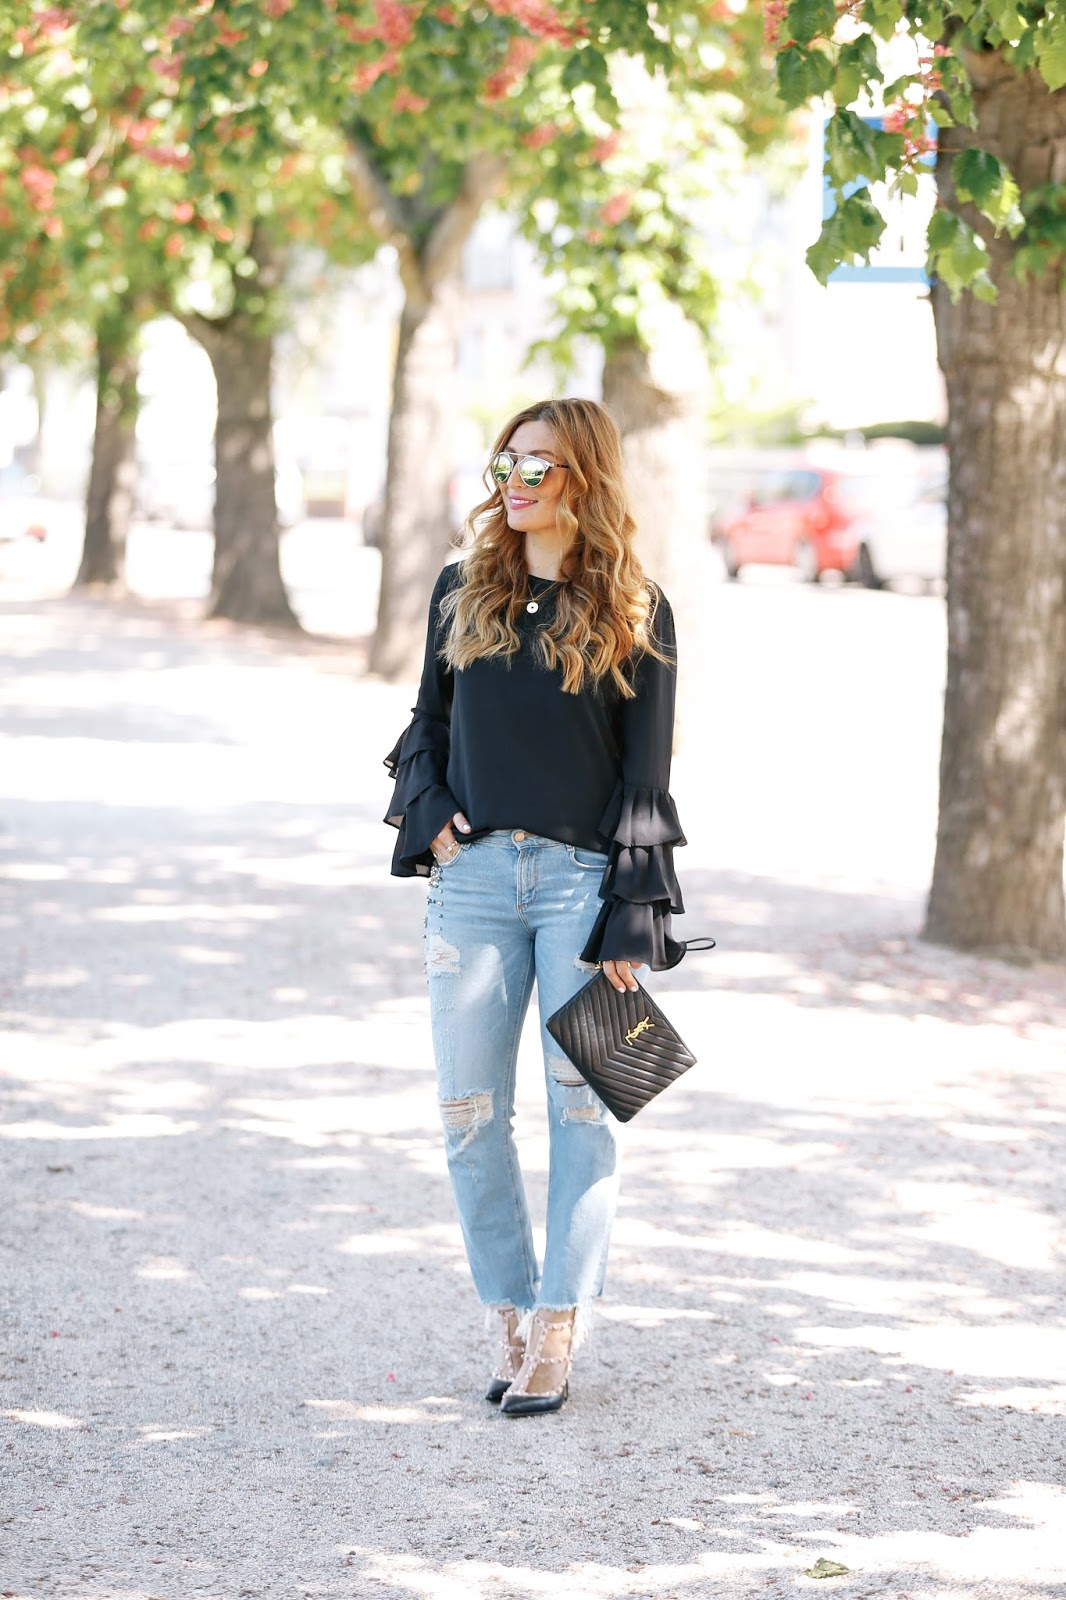 Fashionstylebyjohanna-deutsche-fashionblogger-ysl-tasche-schwarze-saint-laurant-tasche-blogger-bloggerstyle-blogger-aus-deutschland-deutsche-fashionblogger-zara-jeans-jeans-mit-perlene-ripped-jeans-chi